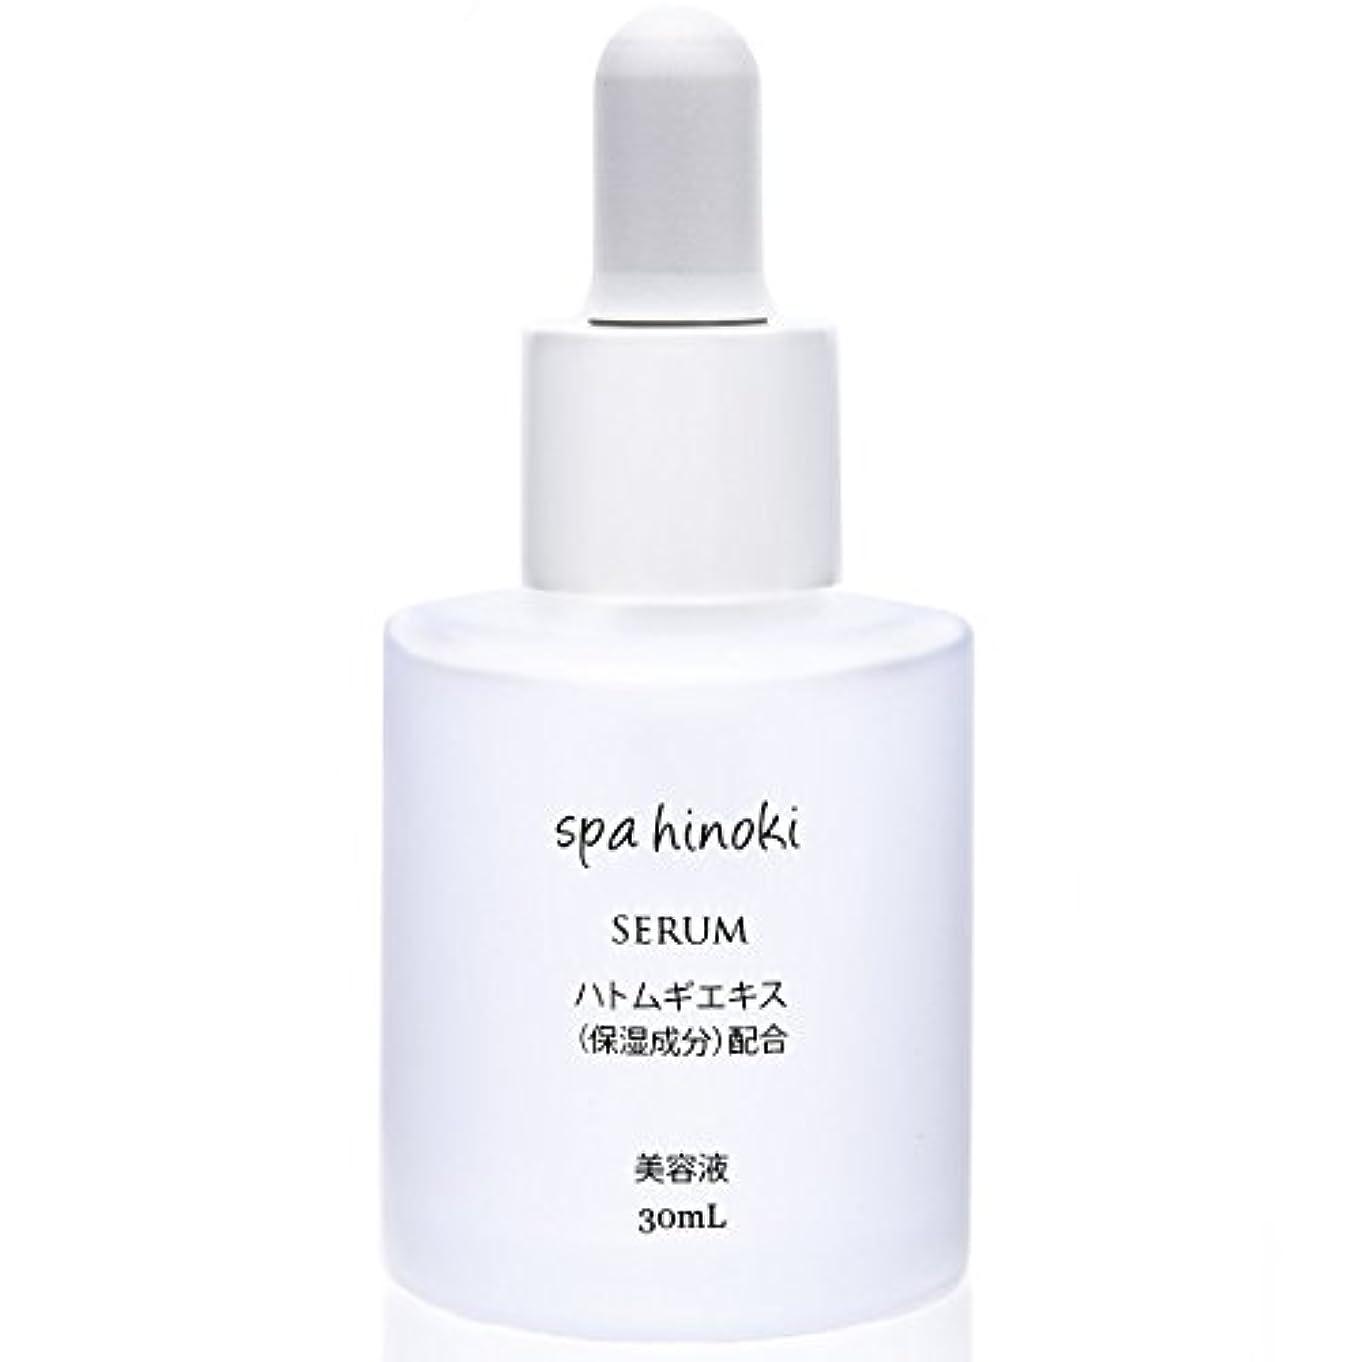 グラフ識別するレベルspa hinoki ハトムギエキス(保湿成分) 配合美容液 30ml